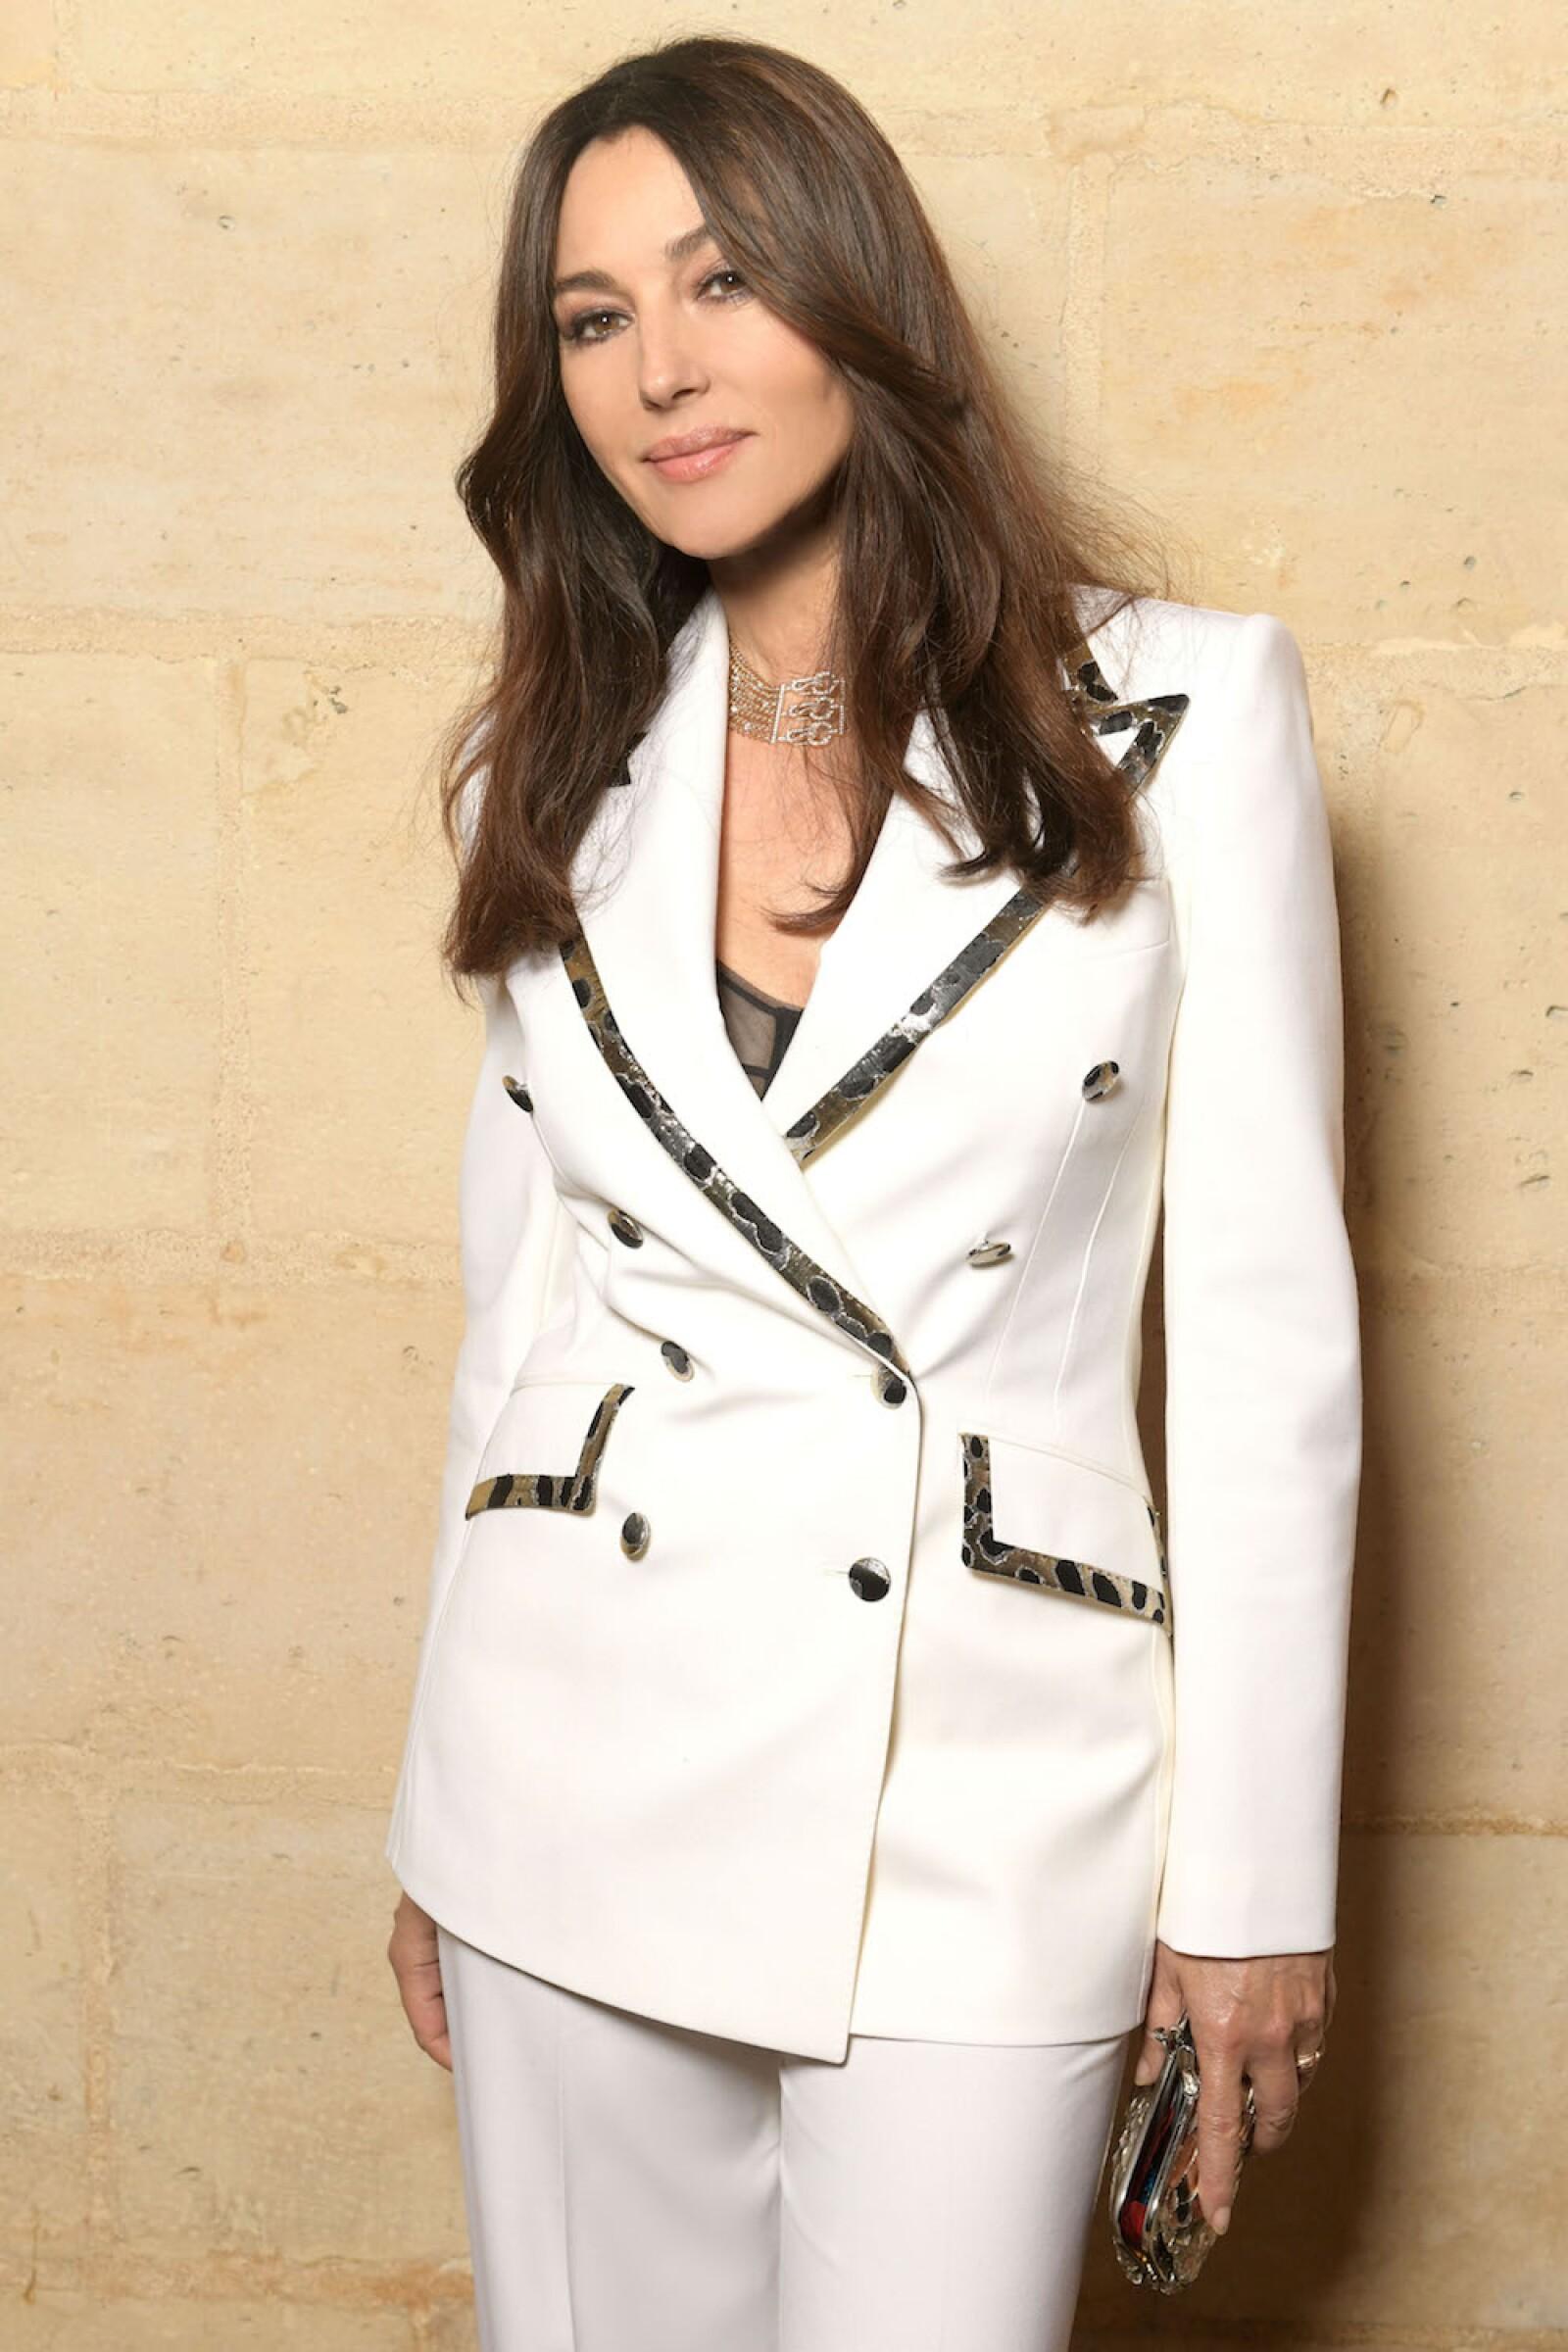 La reconocida actriz Monica Bellucci en un traje blanco Dolce & Gabbana a juego con un collar Cartier